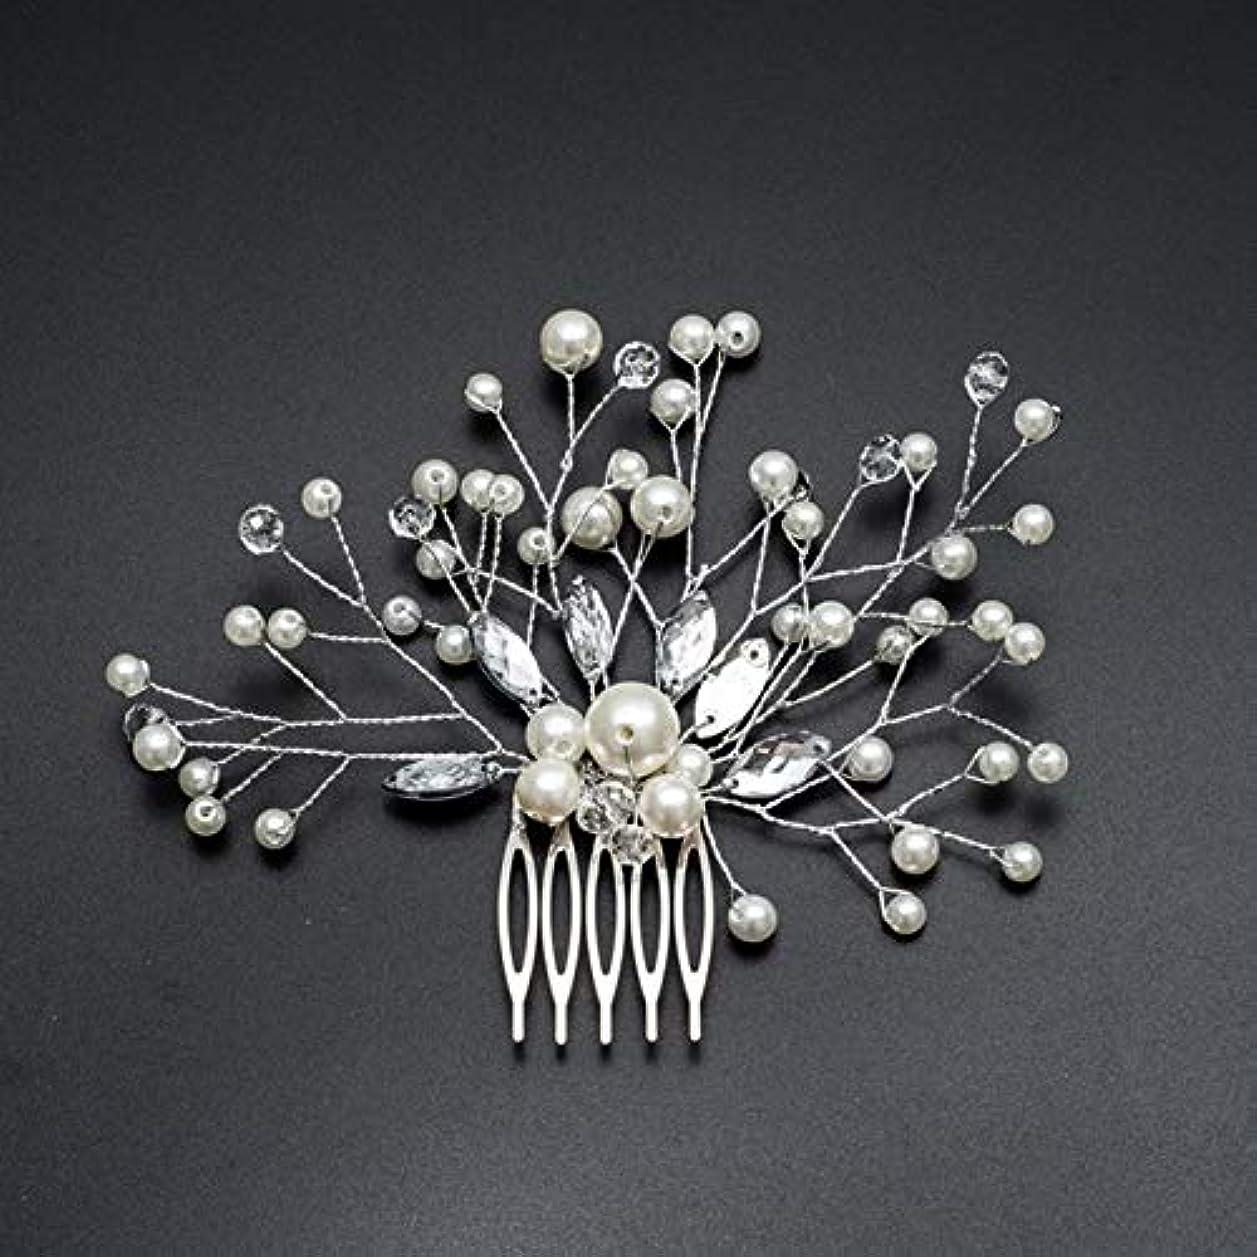 ひもスラッシュマージンフラワーヘアピンFlowerHairpin YHMパール女性のヘアコーム結婚式のヘアアクセサリーヘアピンラインストーンティアラブライダルクリップクリスタルクラウン花嫁の髪の宝石類(シルバー) (色 : Silver)